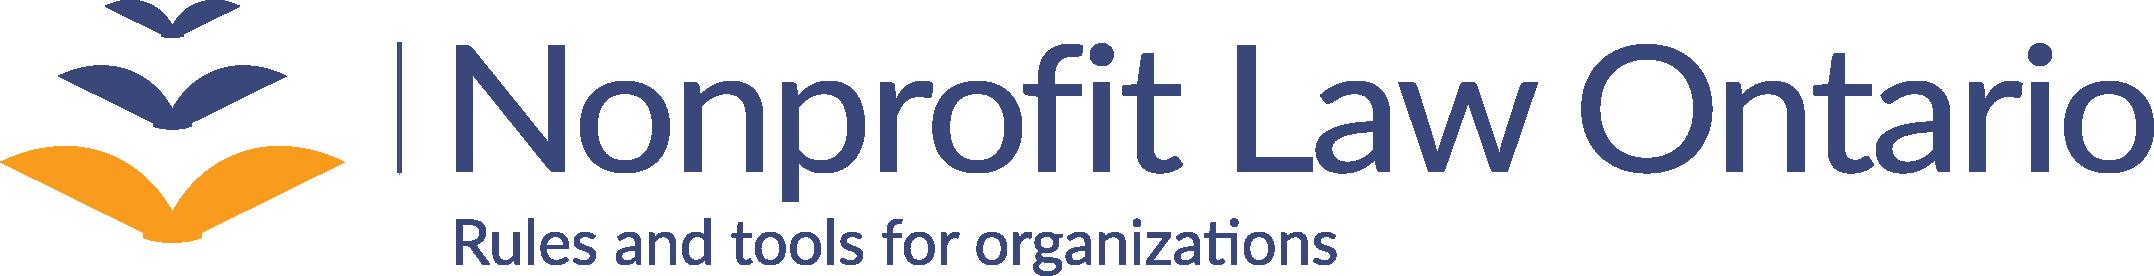 Nonprofit Law Ontario logo